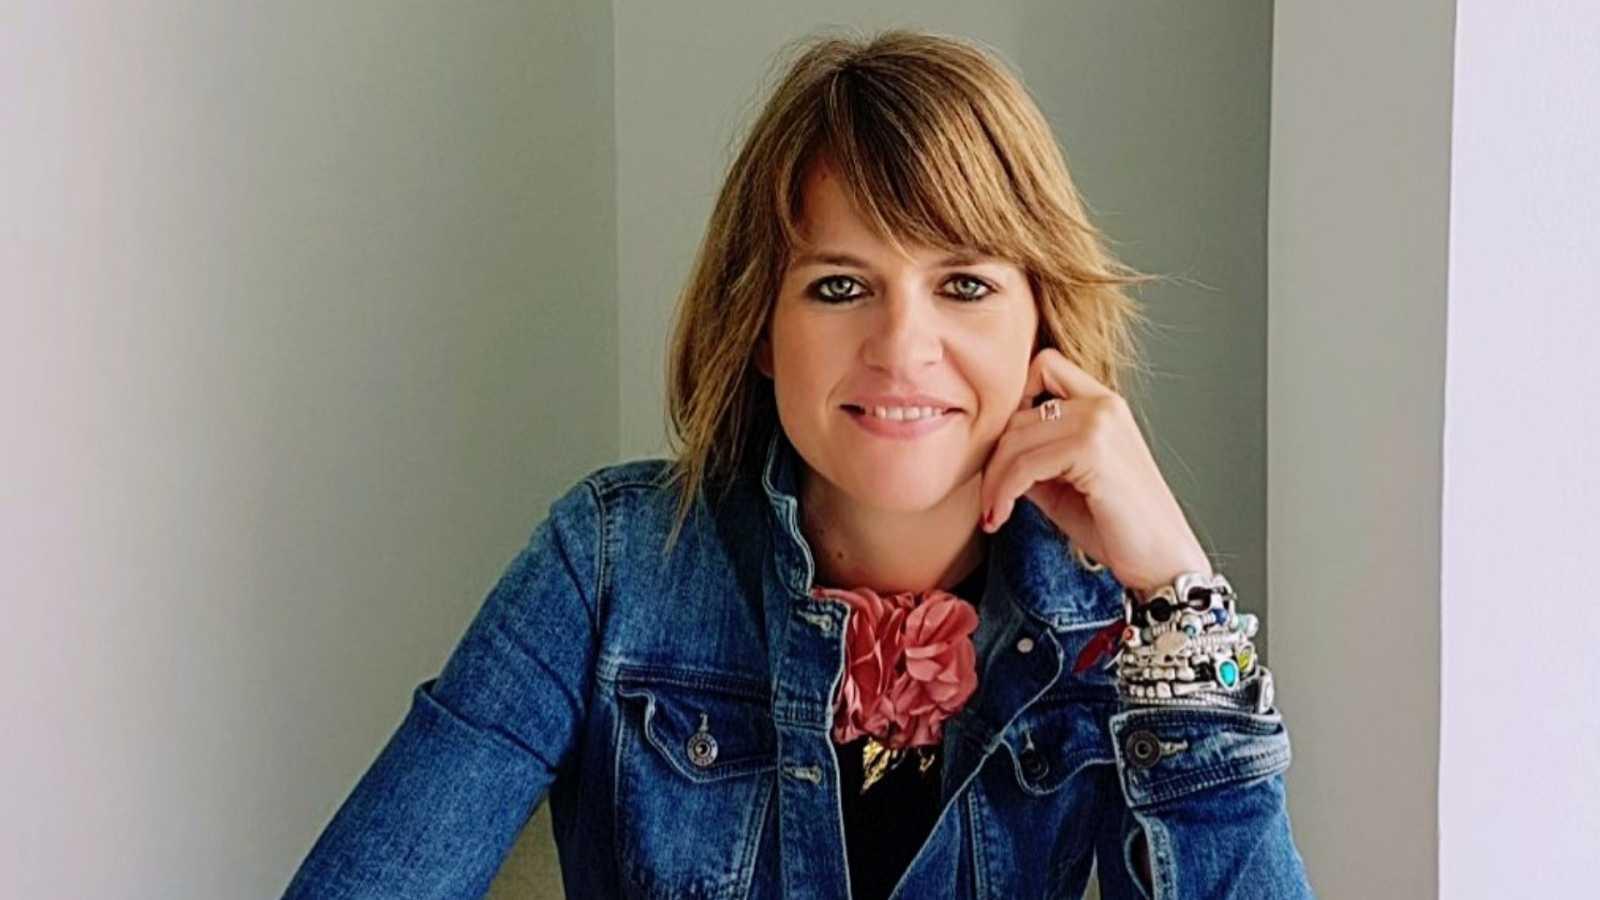 La entrevista de Radio 5 - Rebeca Cordero - 21/12/20 - Escuchar ahora